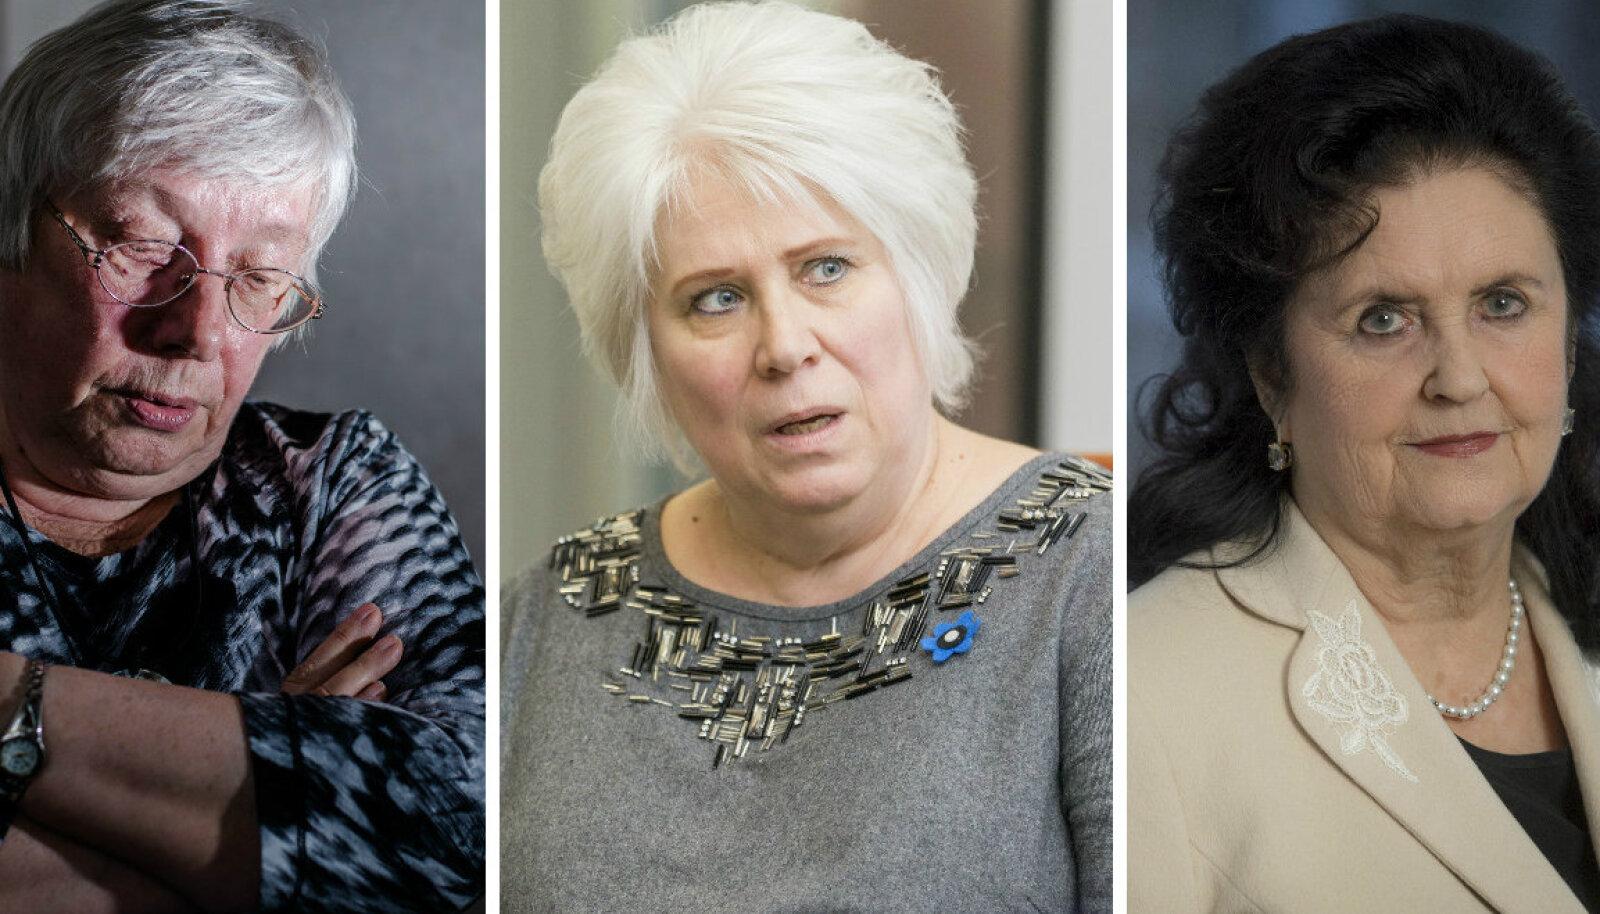 Marju Lauristin, Marina Kaljurand, Ingrid Rüütel